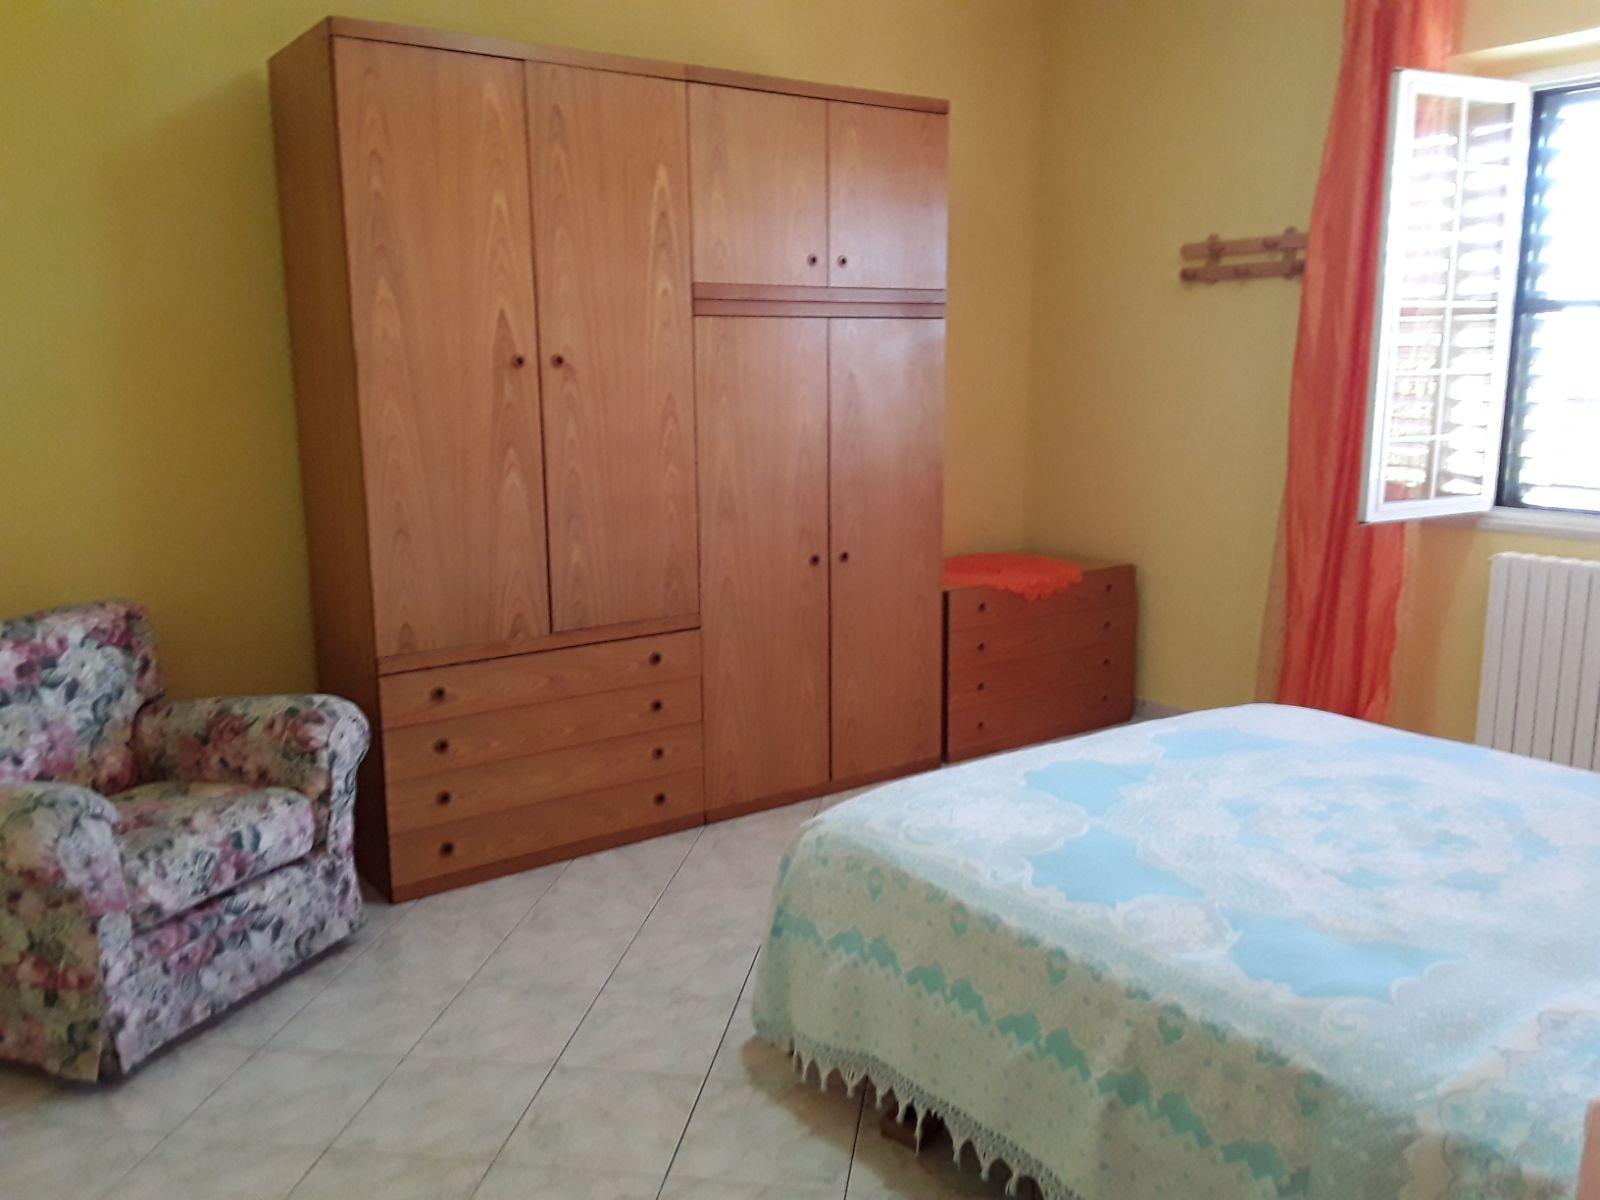 affitto casa vacanze mare rocca san giovanni 8729 (20180625150603-2018-96756-NDP.jpg)